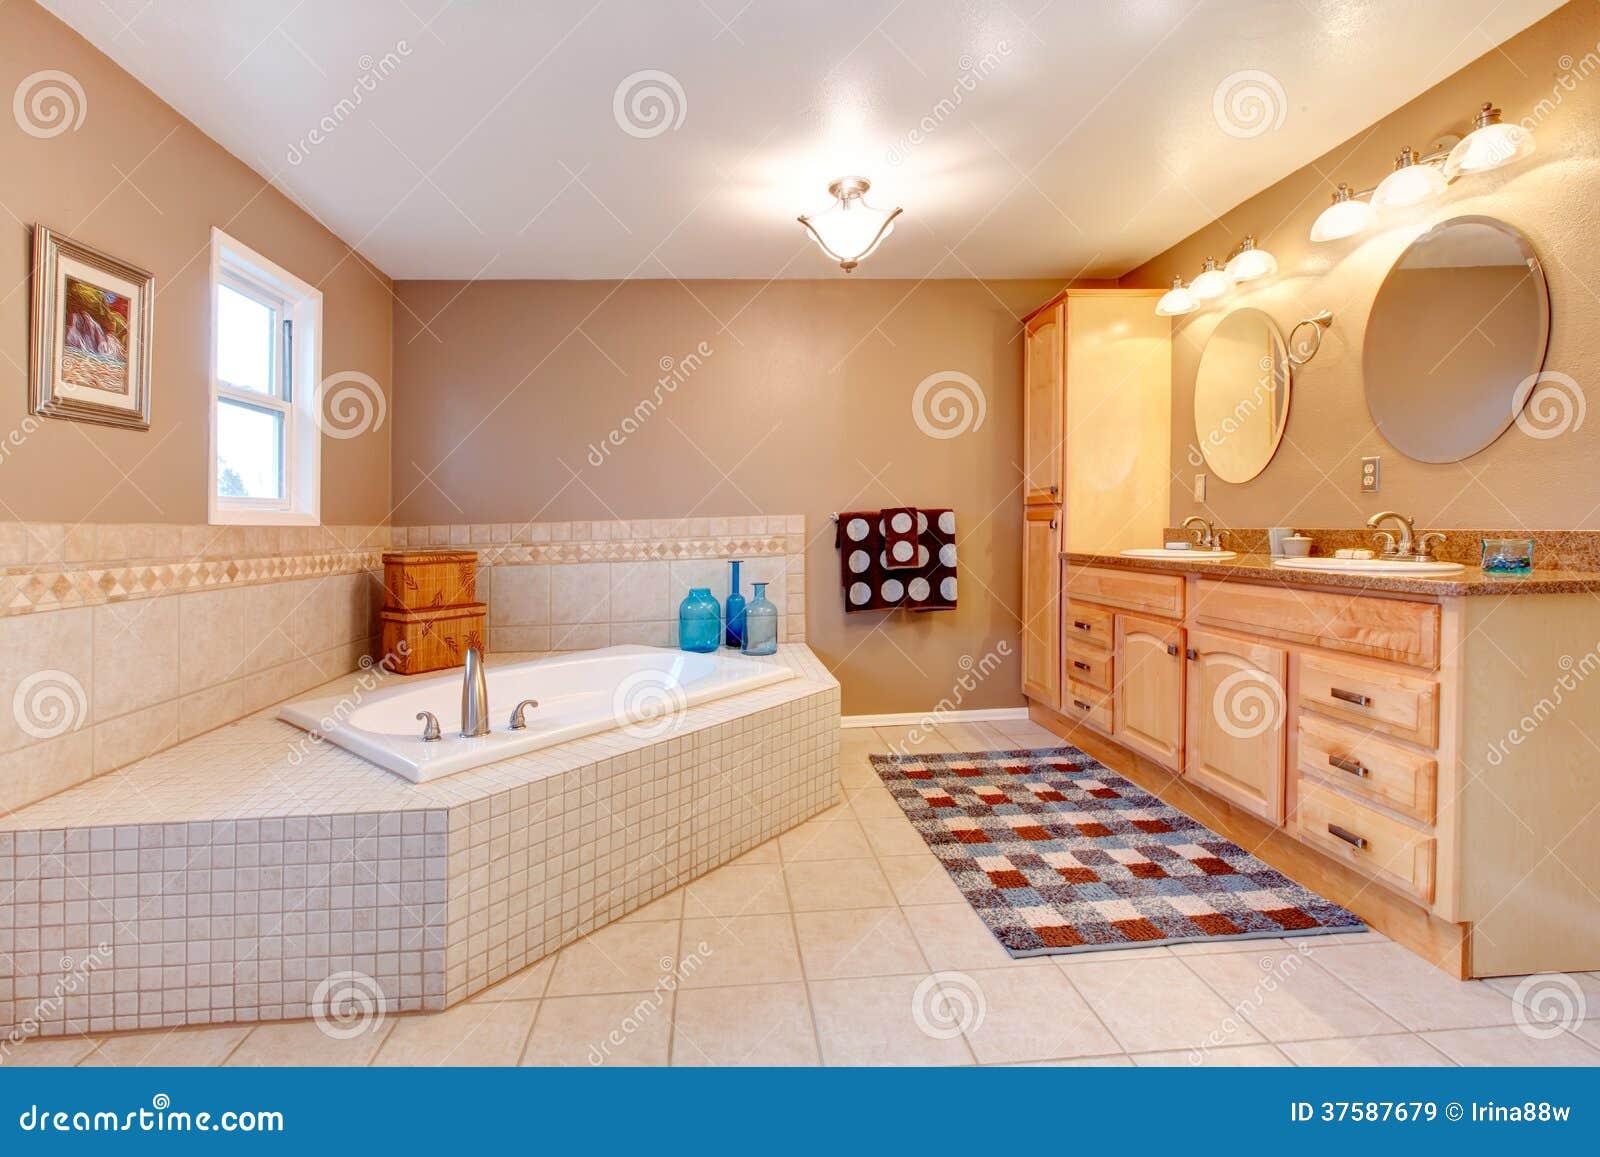 Grande Banheiro Bege E Branco Imagens de Stock Royalty Free Imagem  #873D1F 1300x957 Banheiro Branco Bege